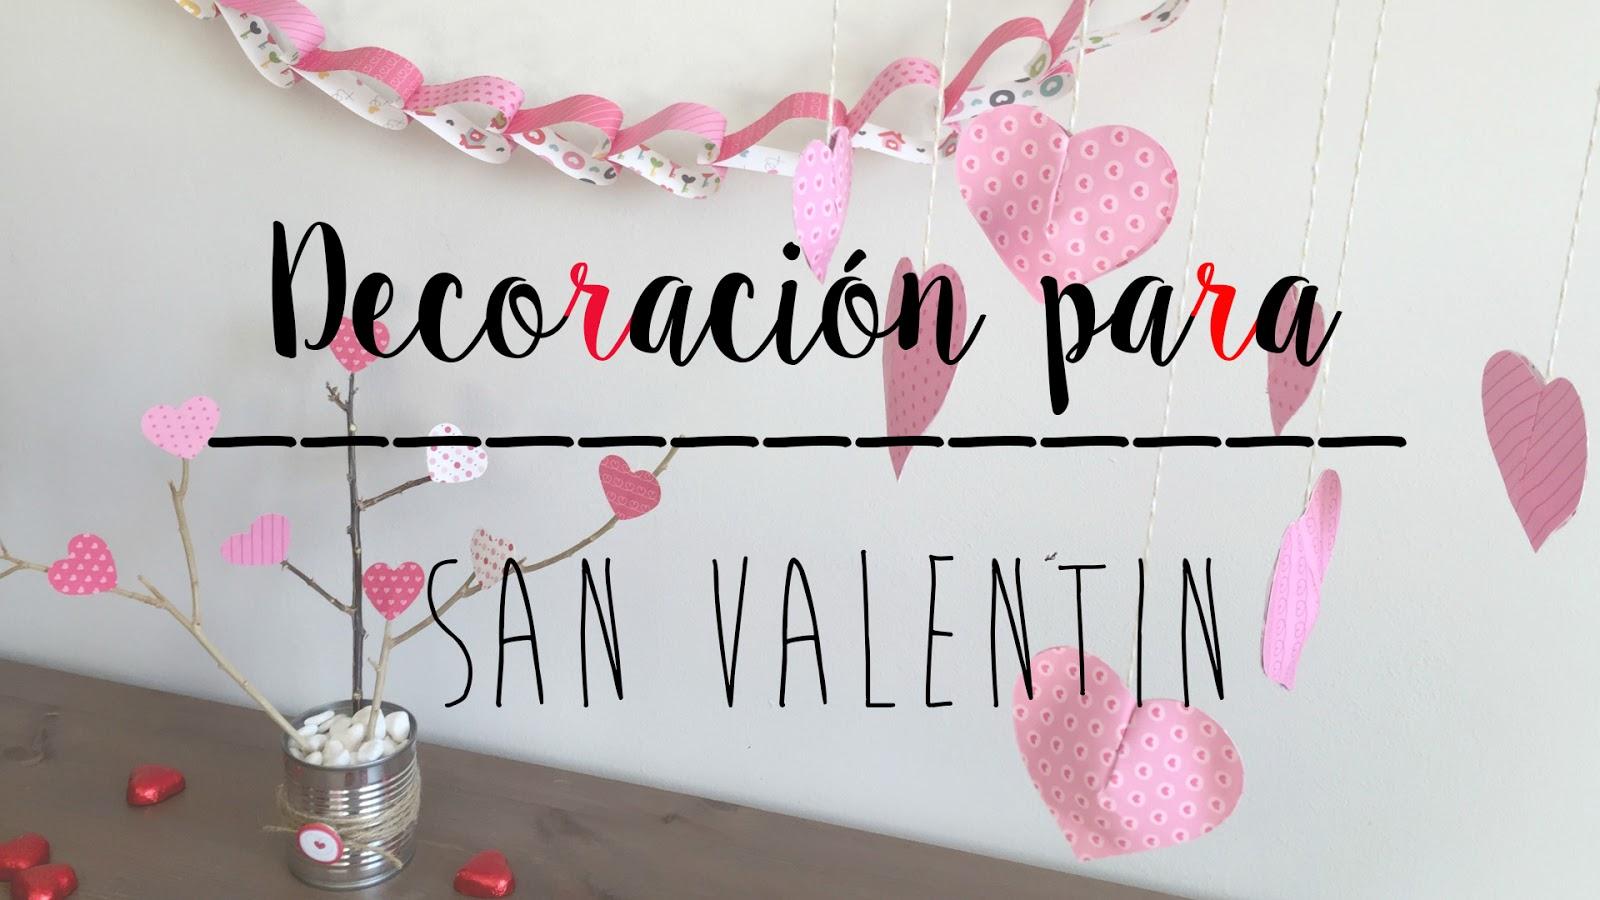 Decoraciones con corazones tres tulipanes rojos - Decorar para san valentin ...